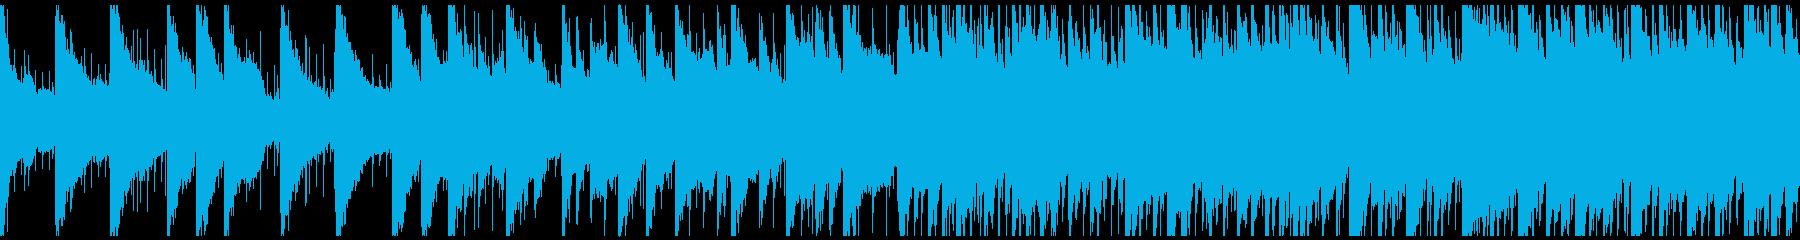 夜空の下で、どこか孤独な優しいBGMの再生済みの波形